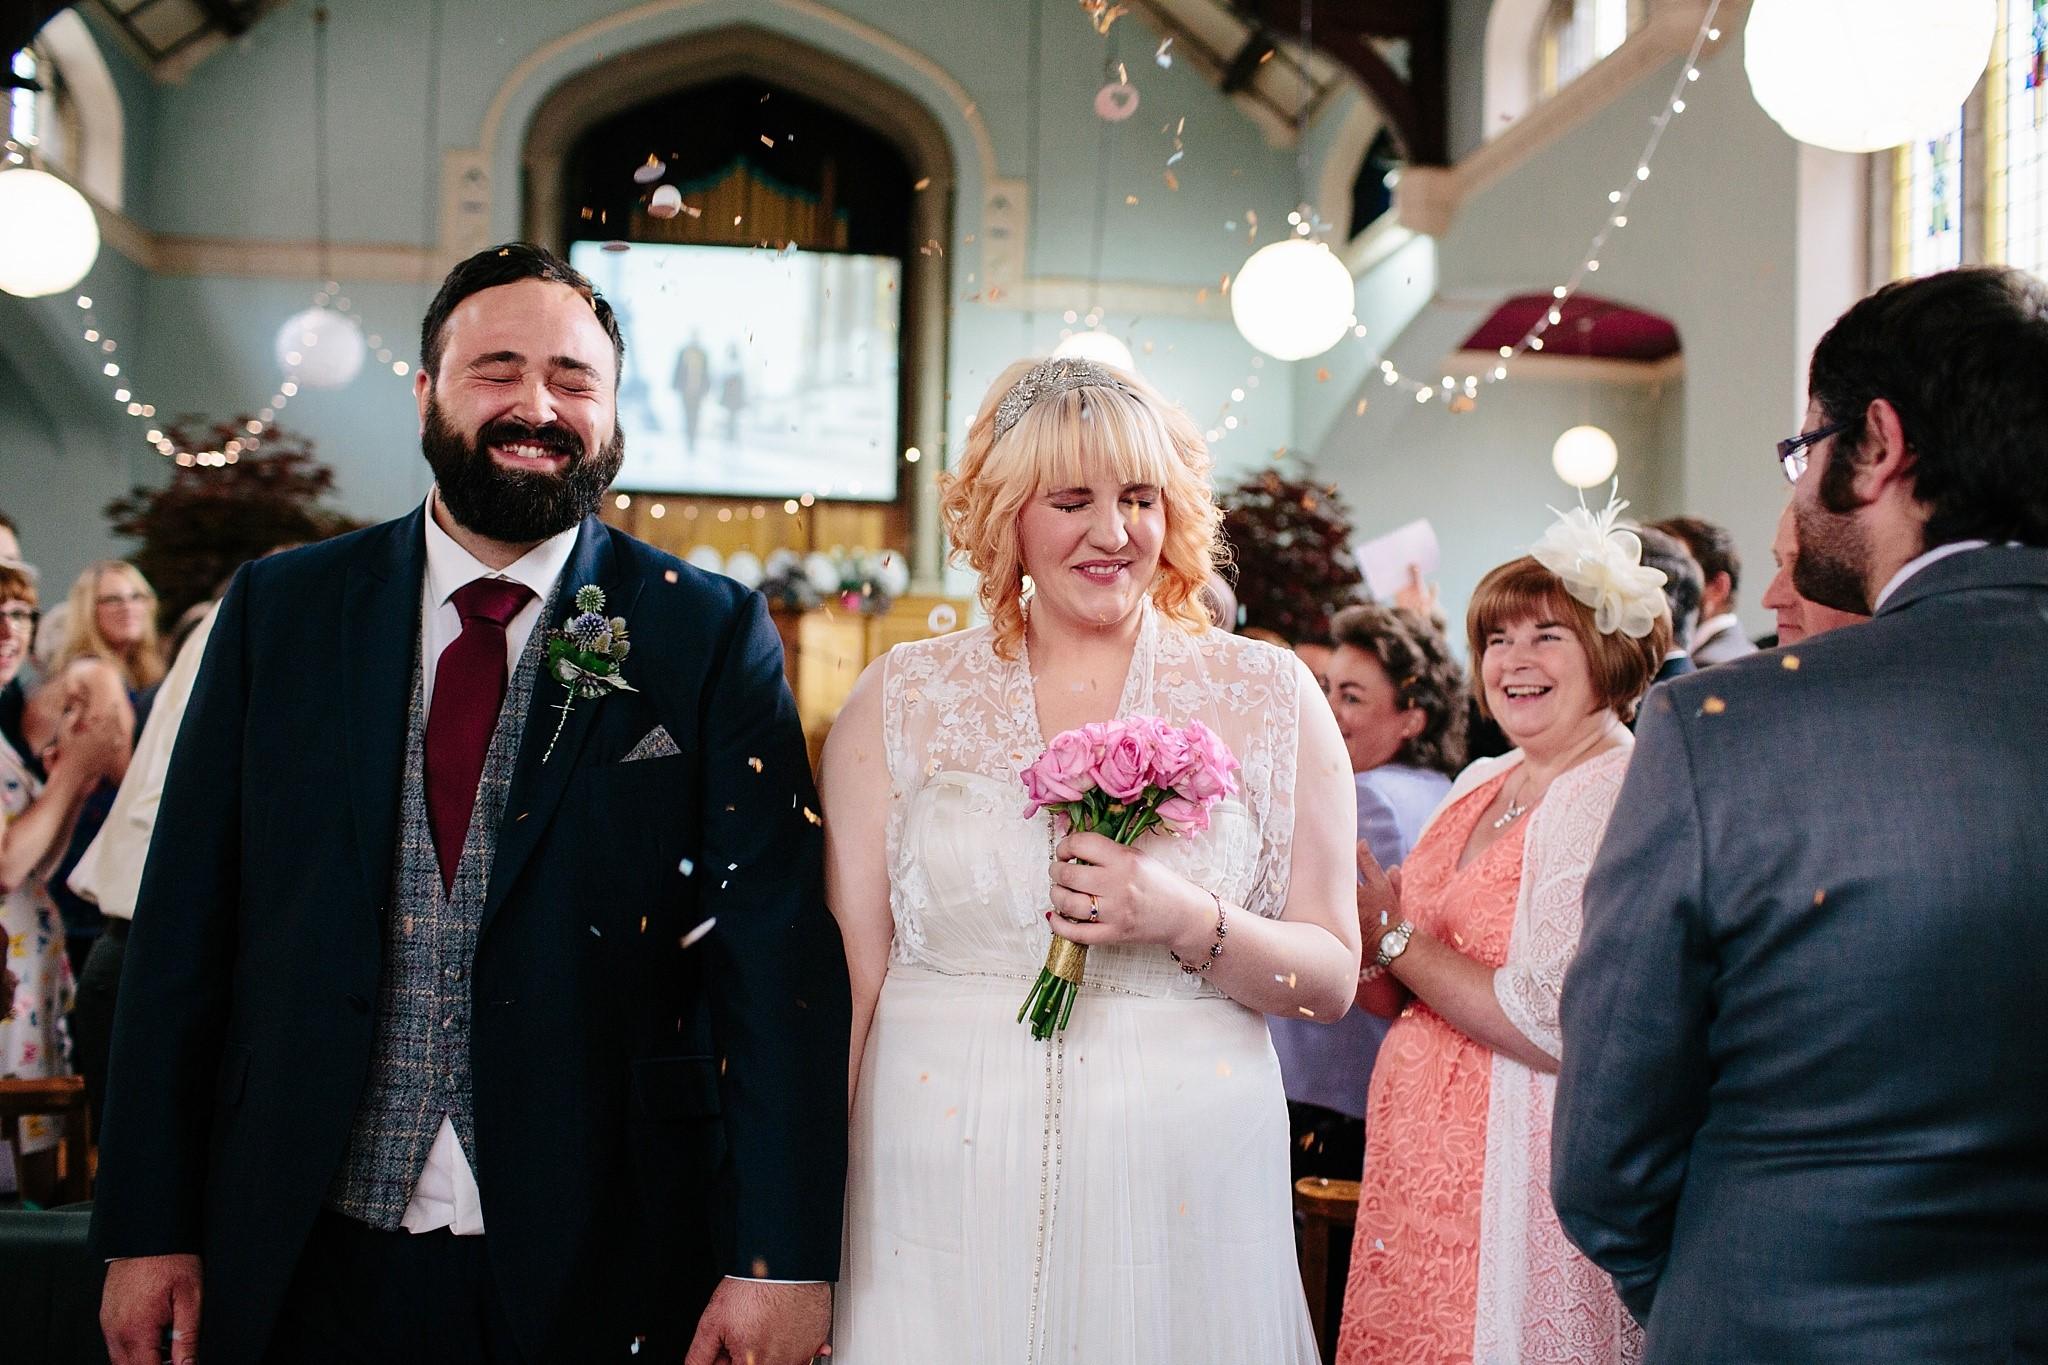 farmer-wedding-confetti-shot_25344689401_o.jpg